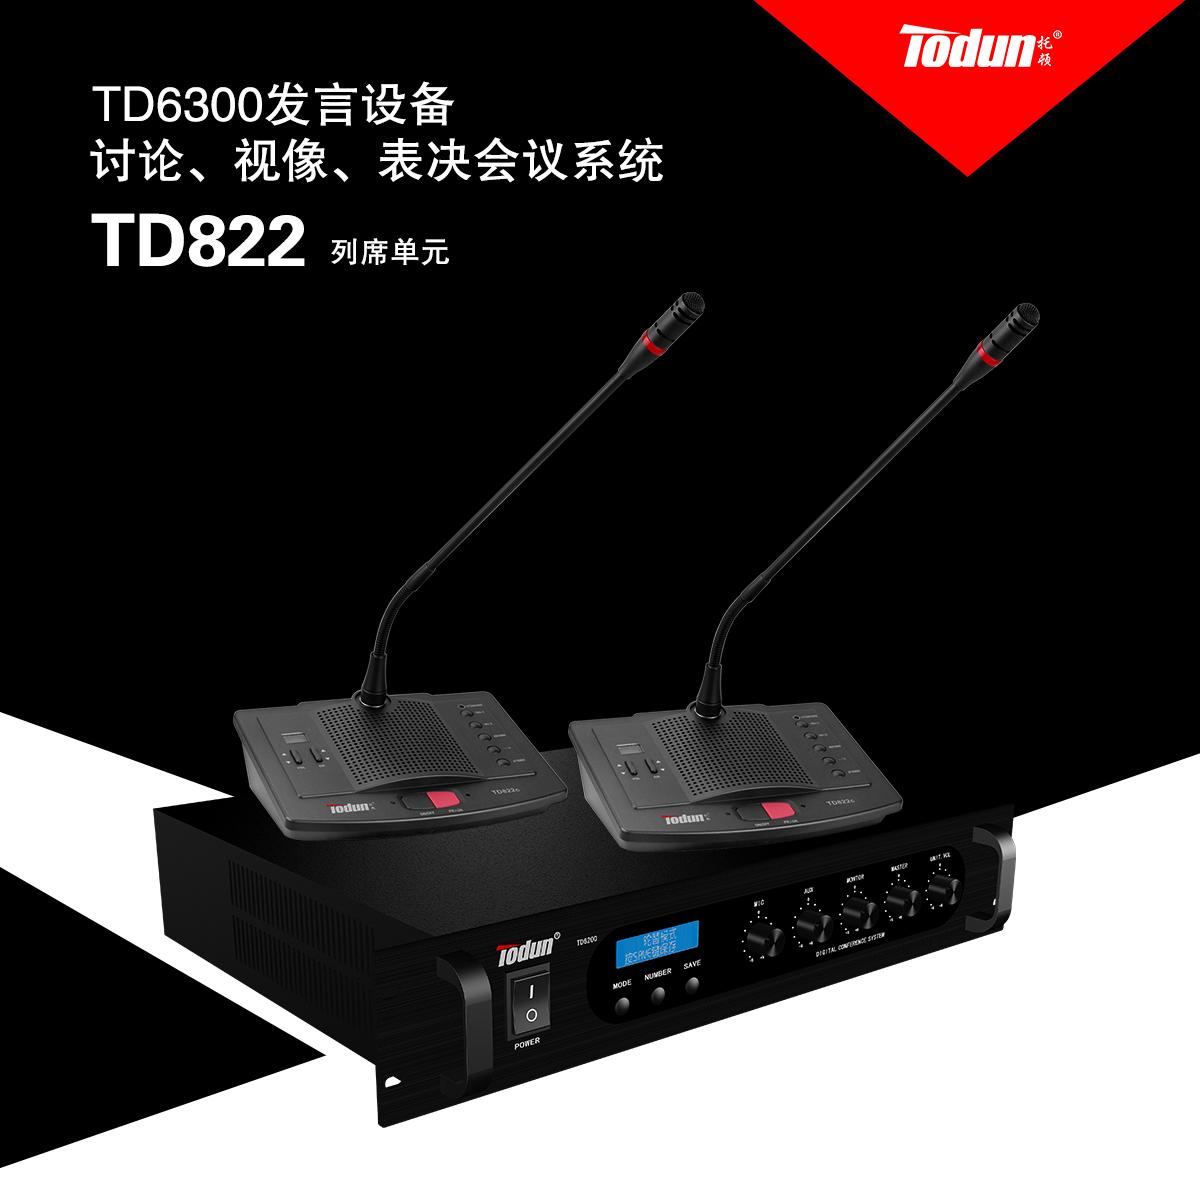 陆军学院-视频表决会议系统TD6300 会议话筒发言设备TD822